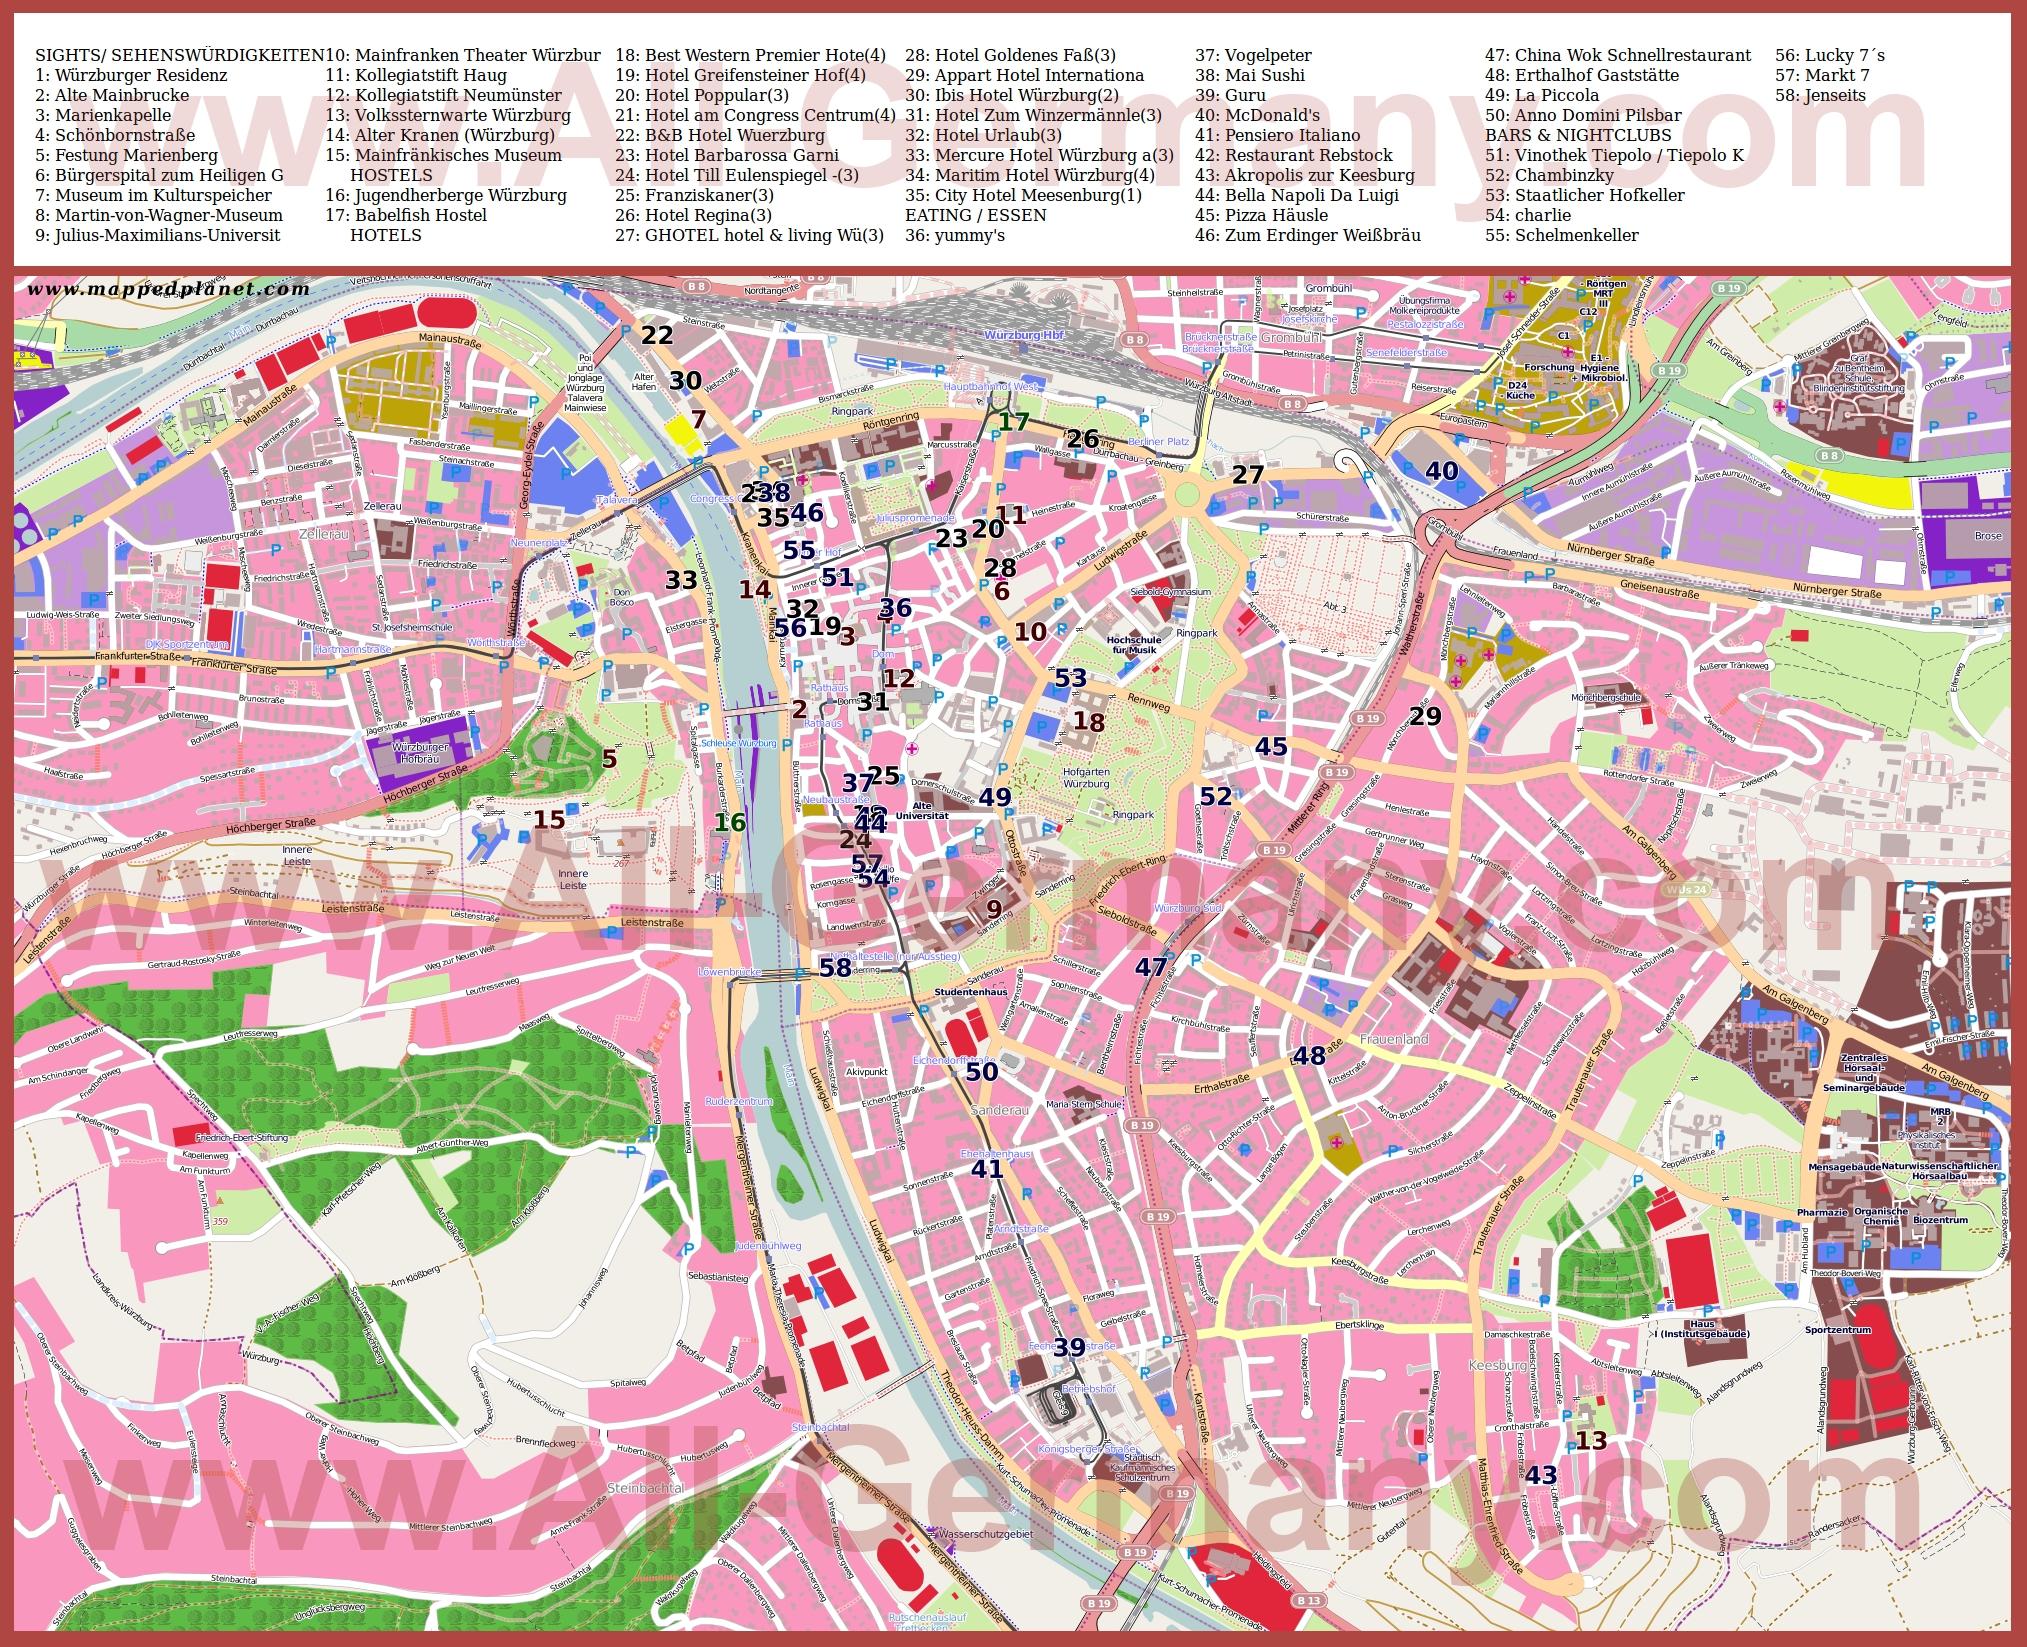 Karty Vyurcburga Podrobnaya Karta Goroda Vyurcburg S Otelyami I